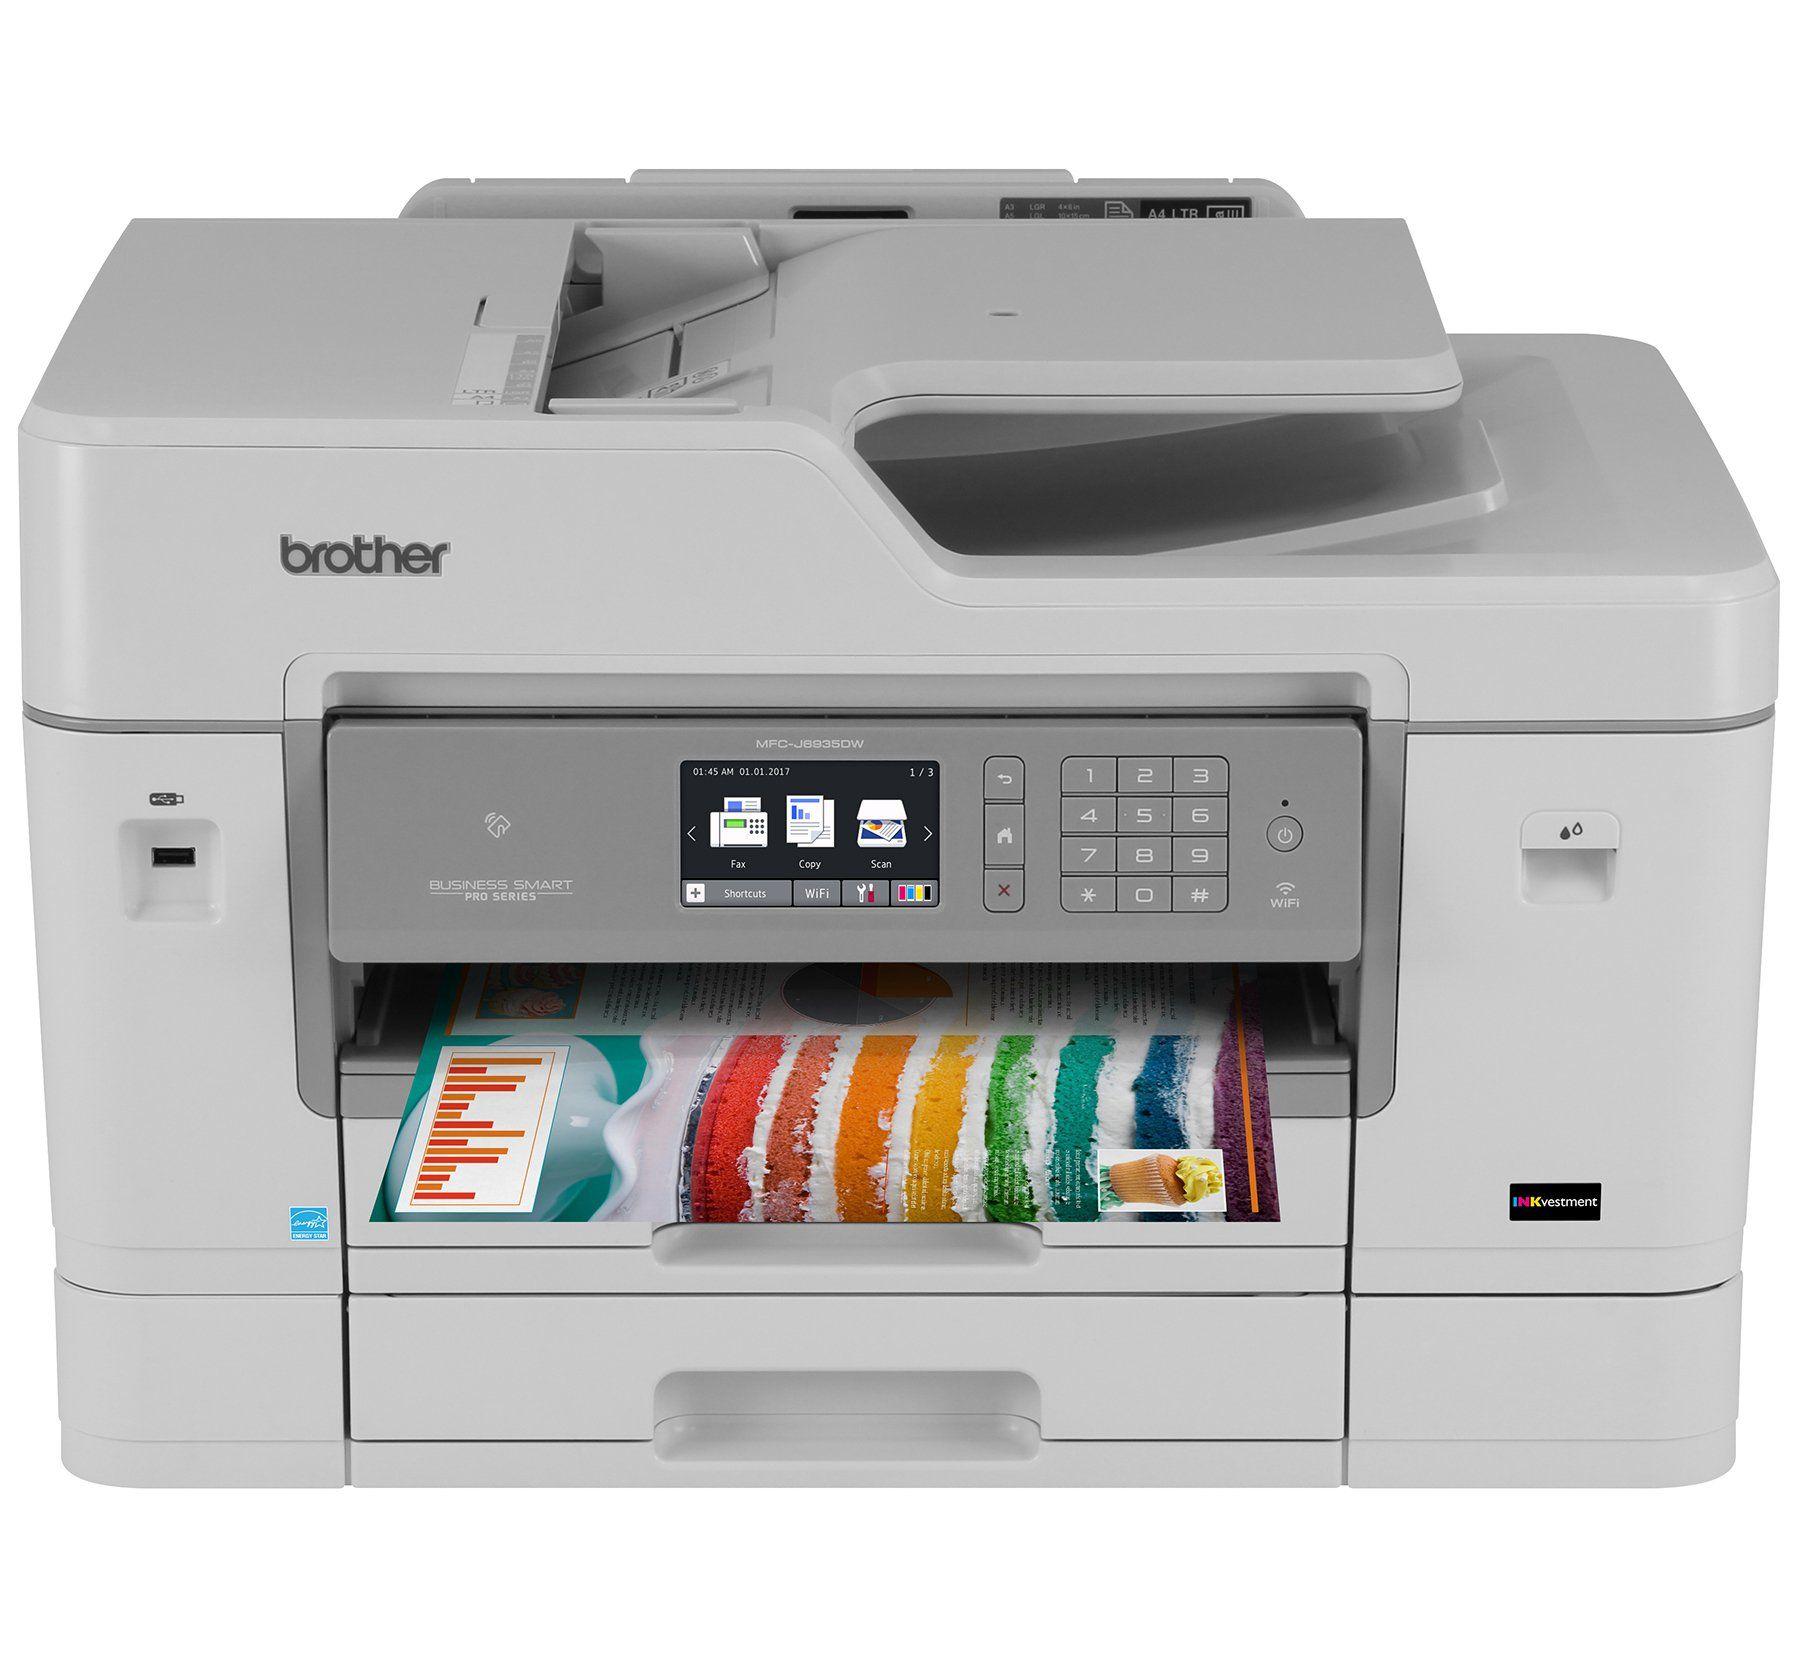 Brother Mfcj6935dw Inkjet Allinone Color Printer Wireless